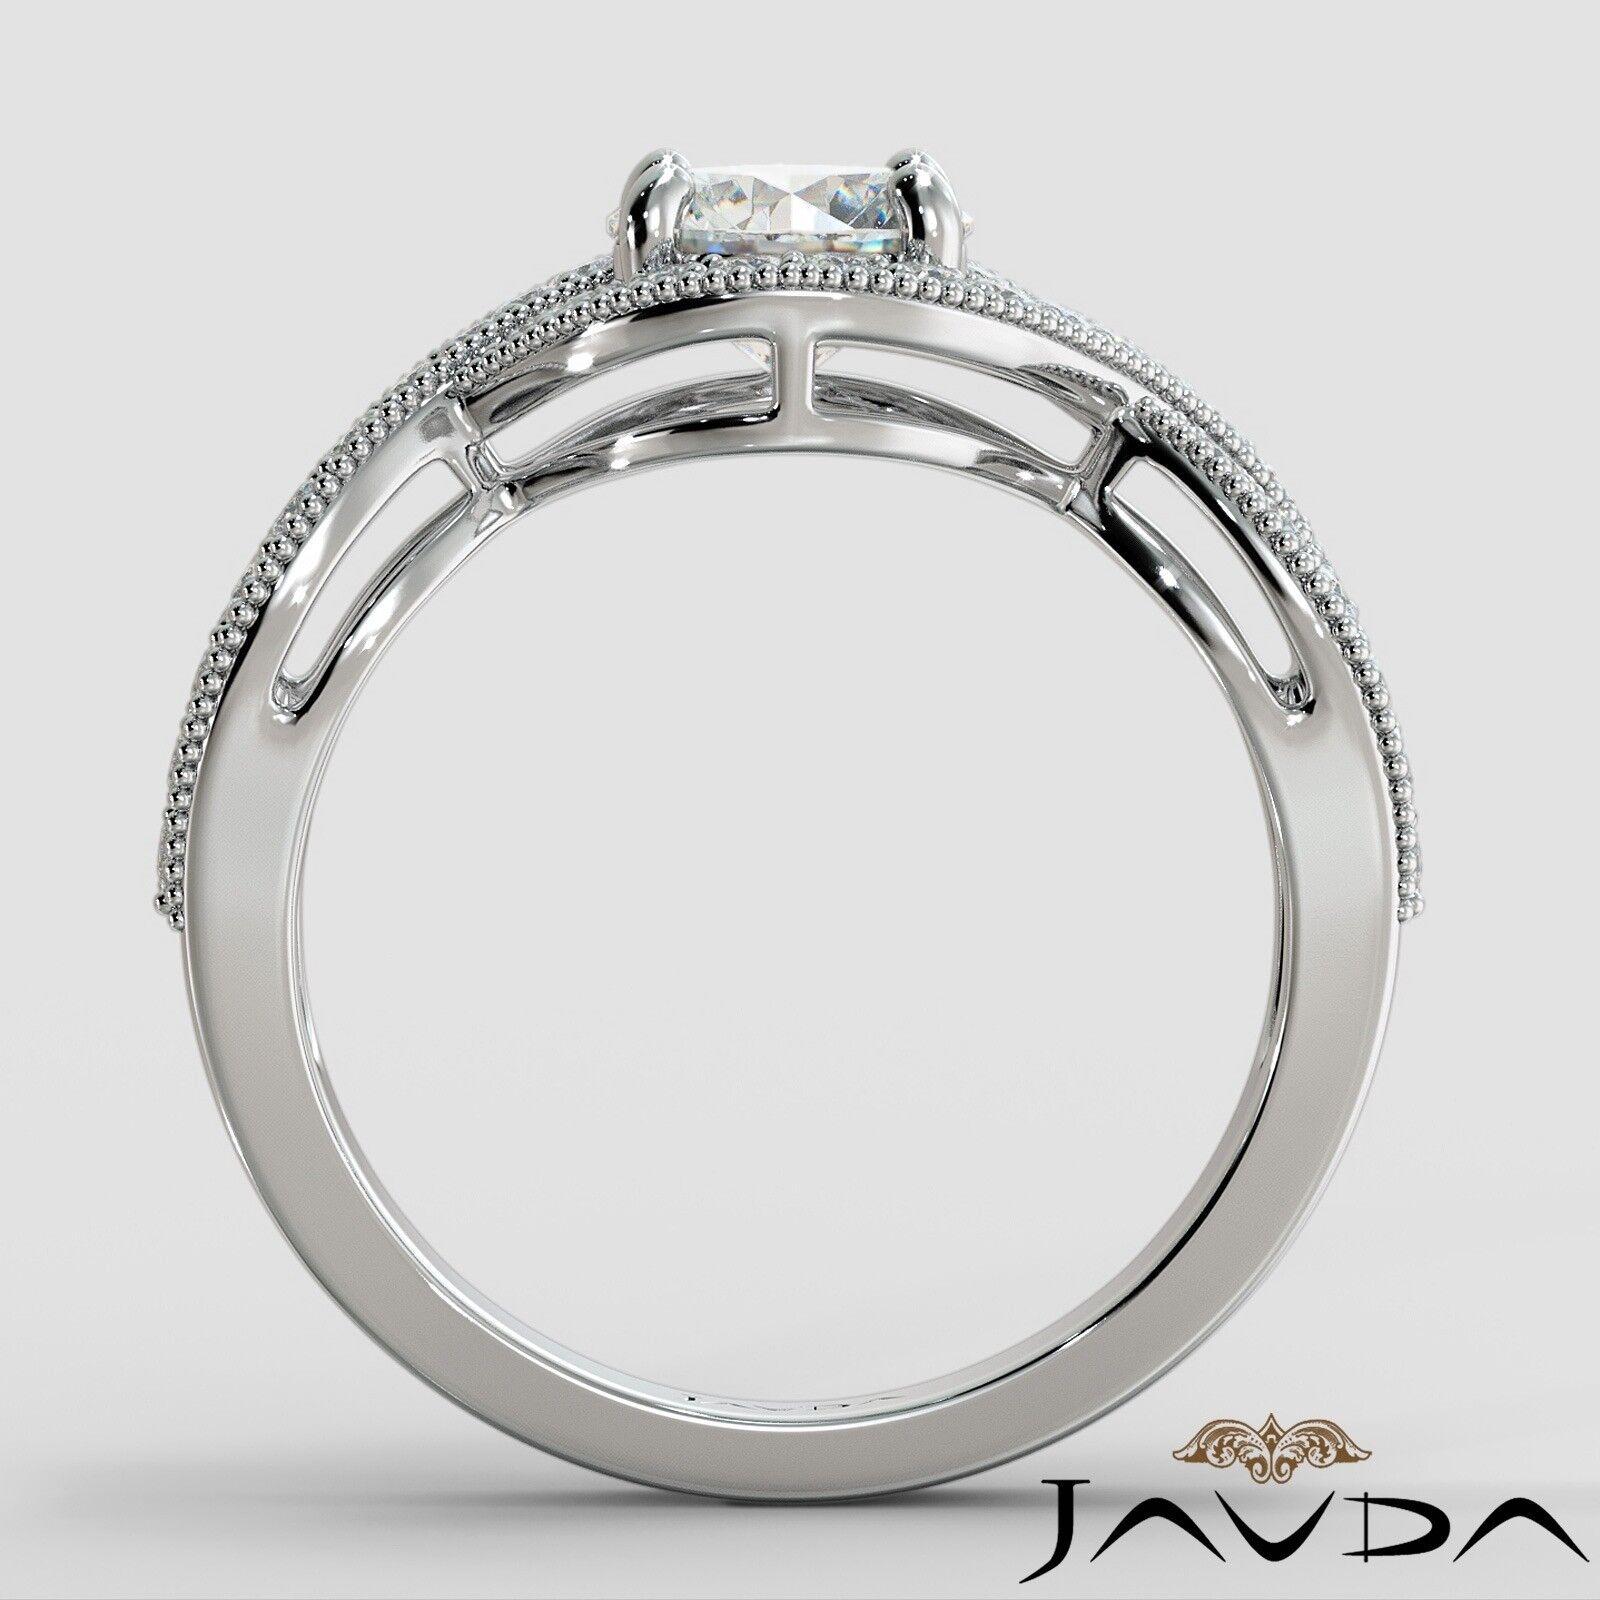 1.25ctw Milgrain Halo Side Stone Round Diamond Engagement Ring GIA G-VS1 W Gold 3